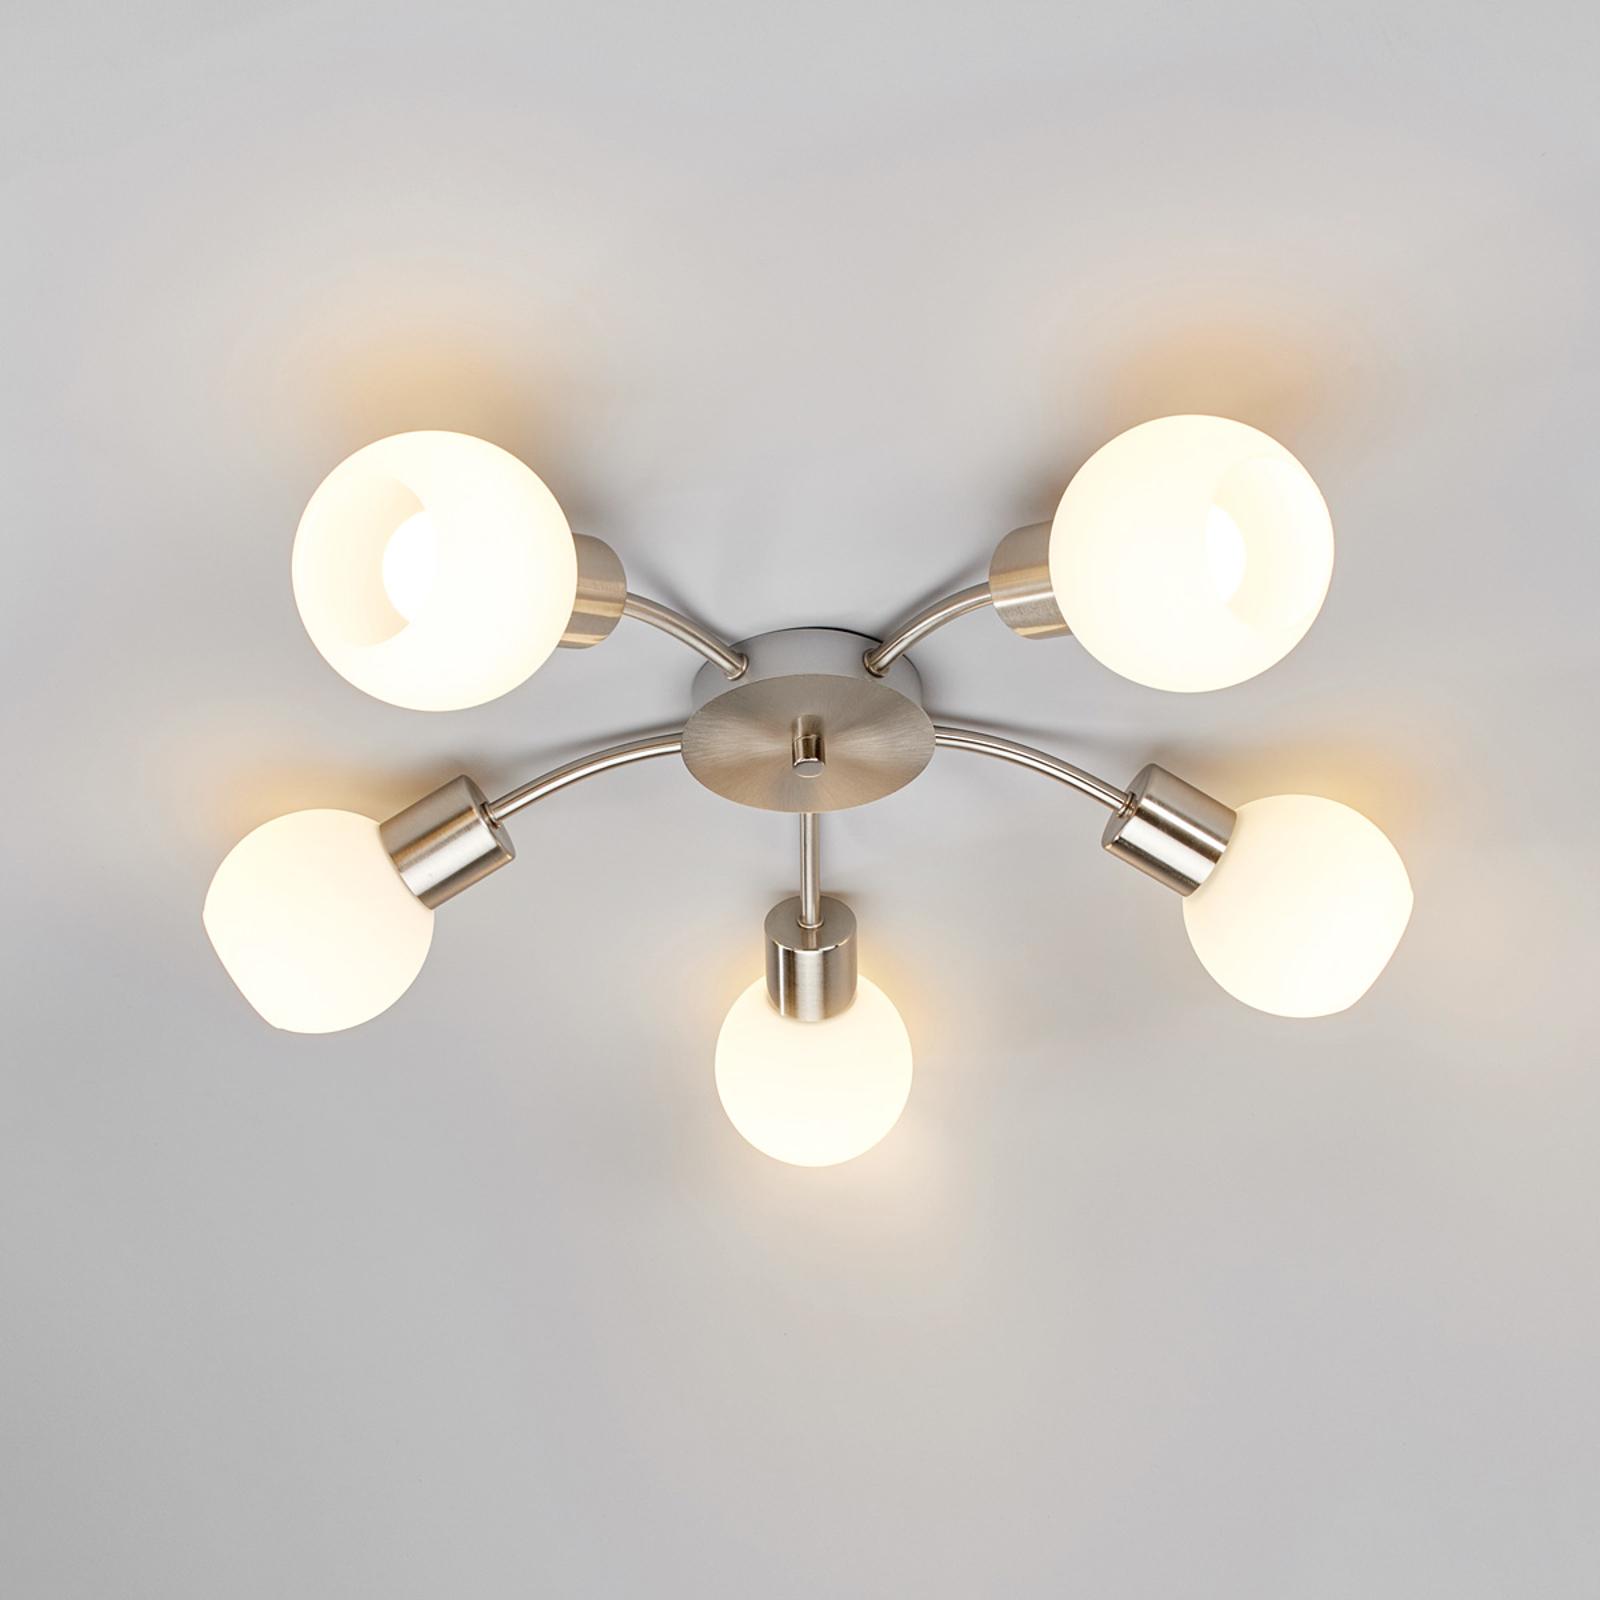 Rund LED-taklampe Elaina med fem lys, matt nikkel